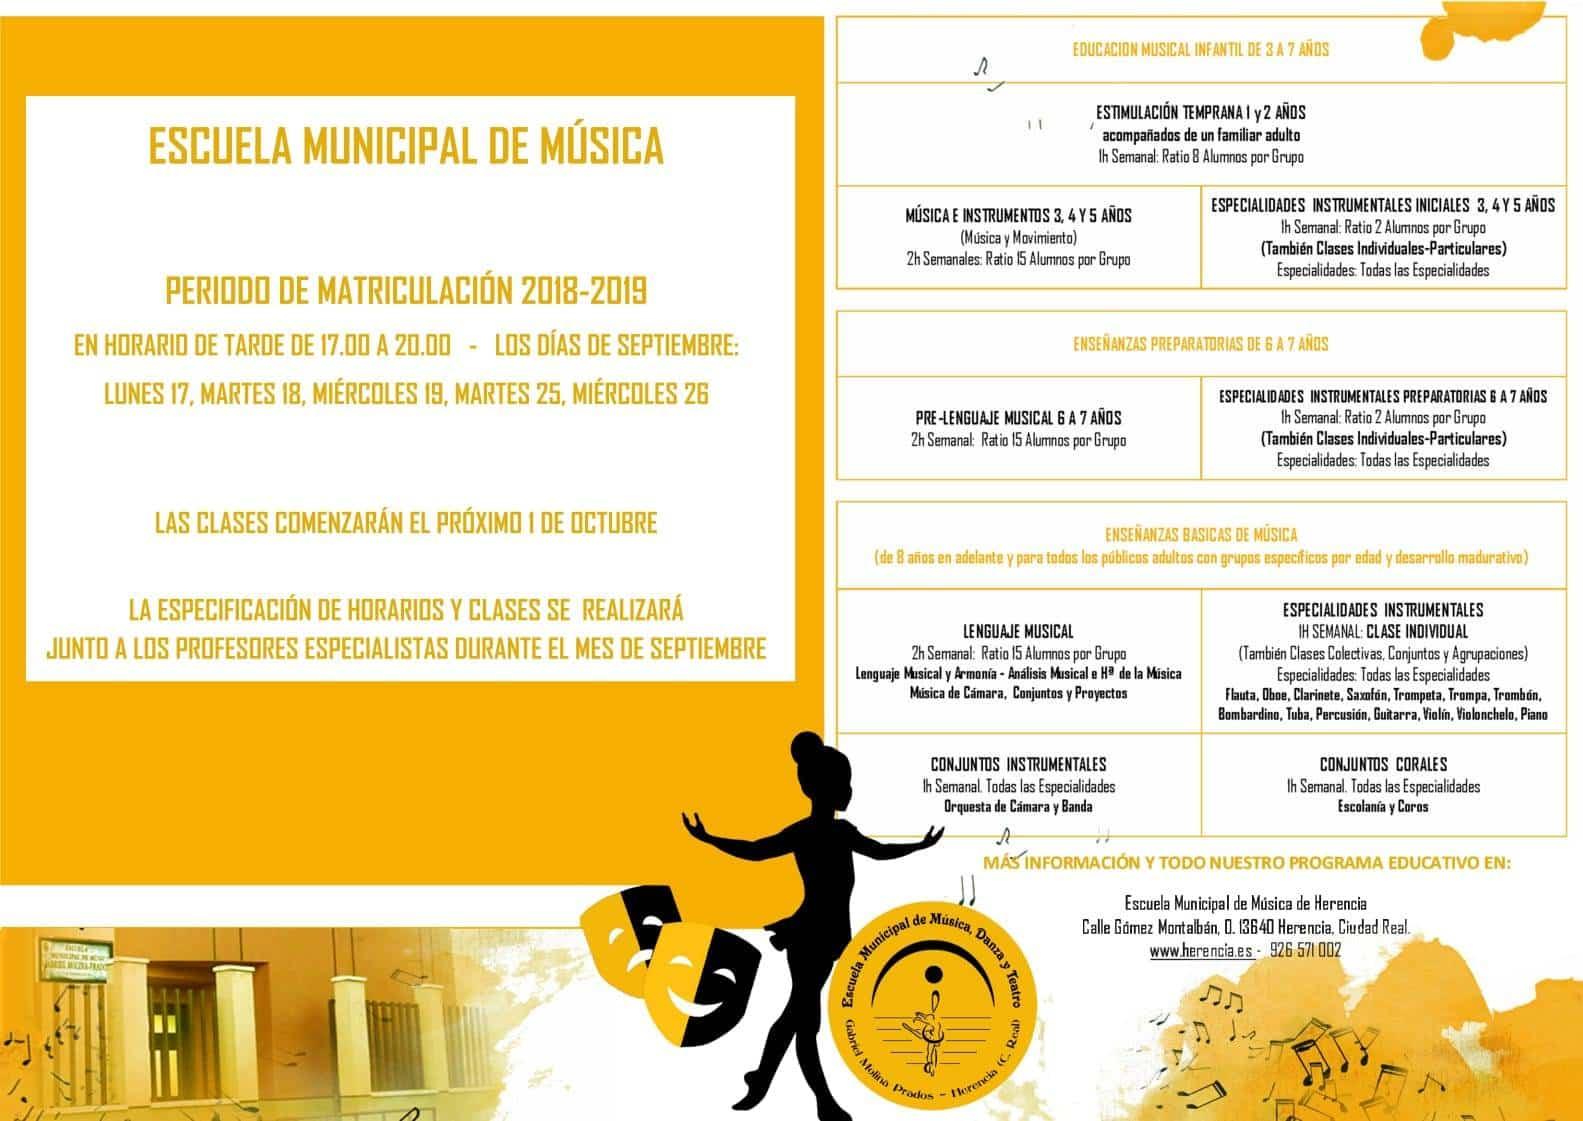 abierta matriculaciones escuela musica herencia - Abierto el periodo de matriculación 2018/2019 en la Escuela de Música de Herencia